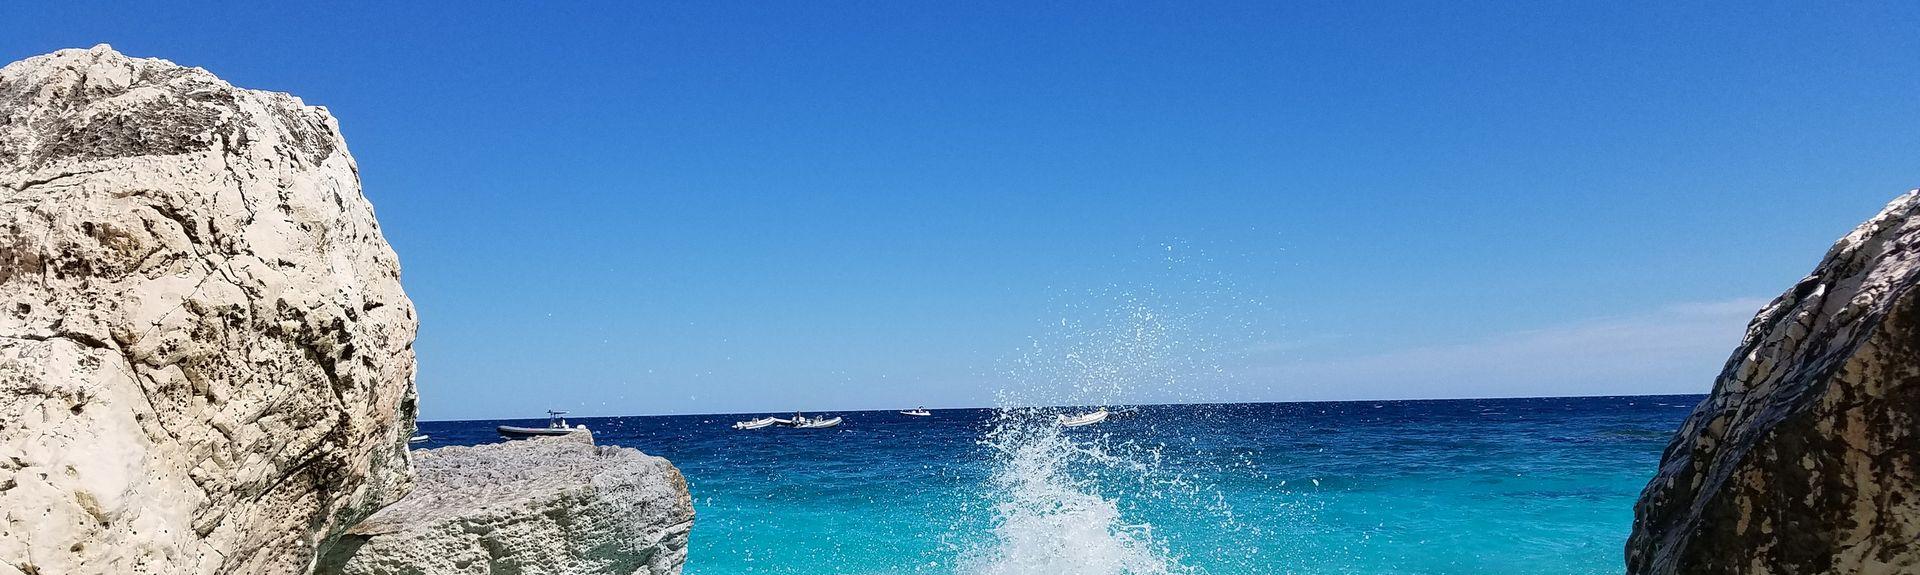 La Calletta Beach, Siniscola, Italy